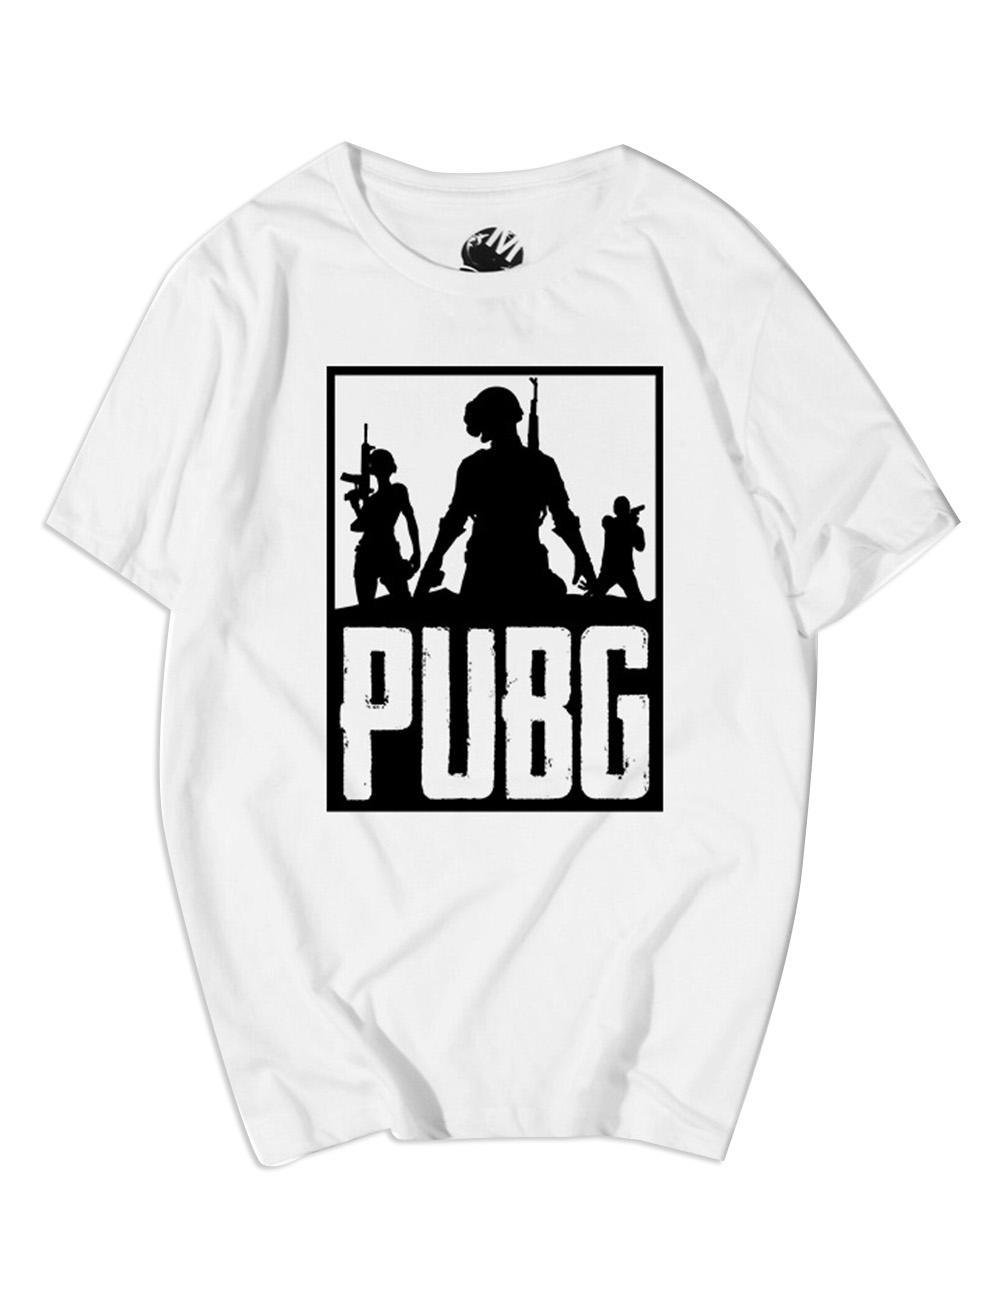 Men Fashion Round Neck Short Sleeve PUBG Game Cartoon Pattern T-shirt